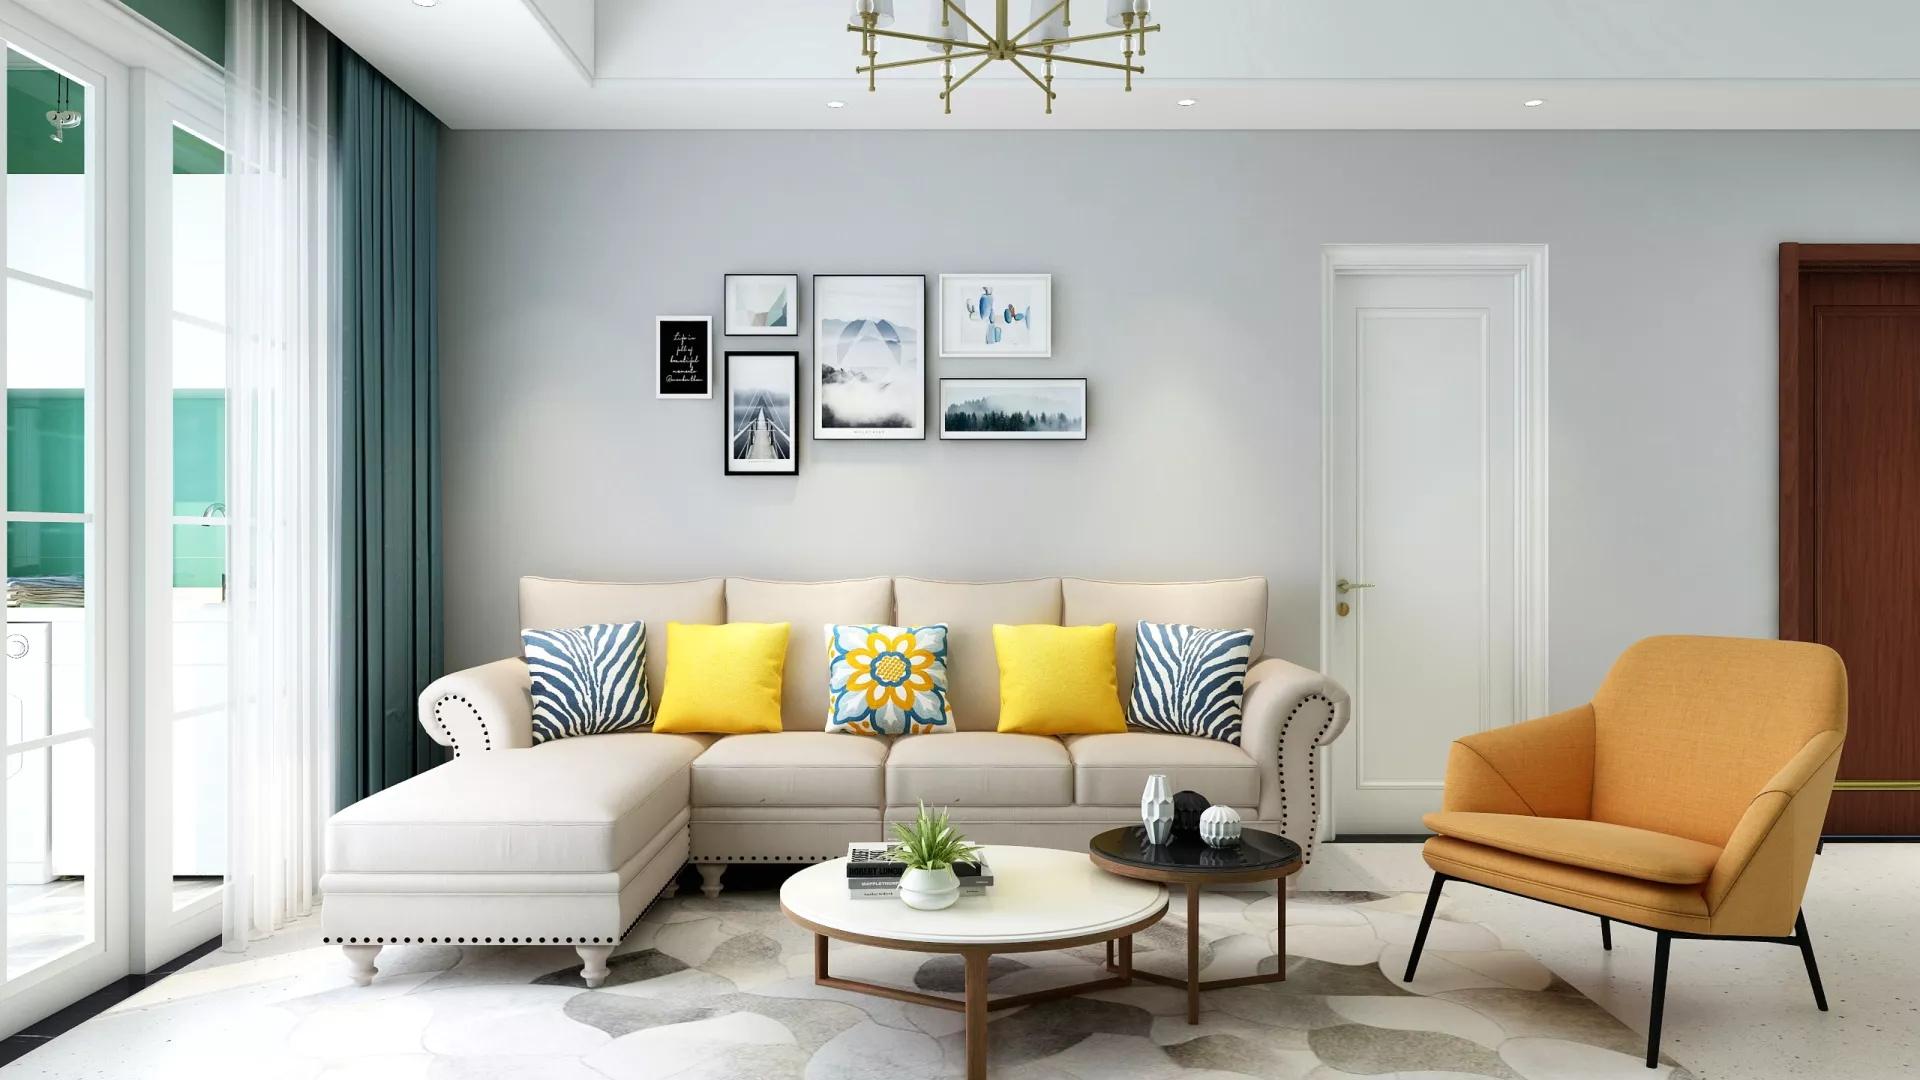 玄关,门厅,简约风格,舒适,米色